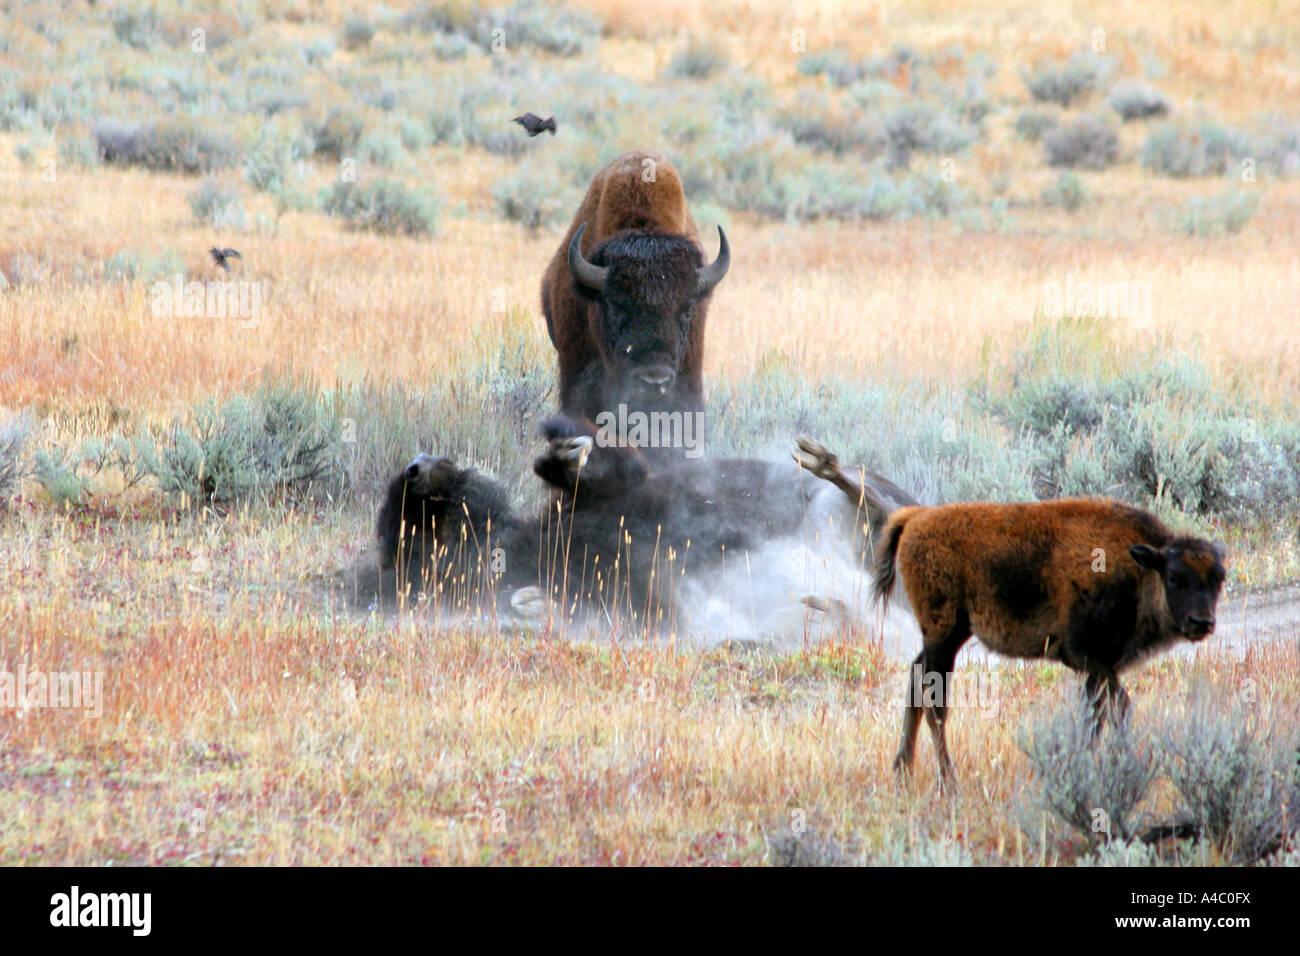 Prendre un bain de poussière de bison, Lamar valley, le parc national de Yellowstone, Wyoming Banque D'Images